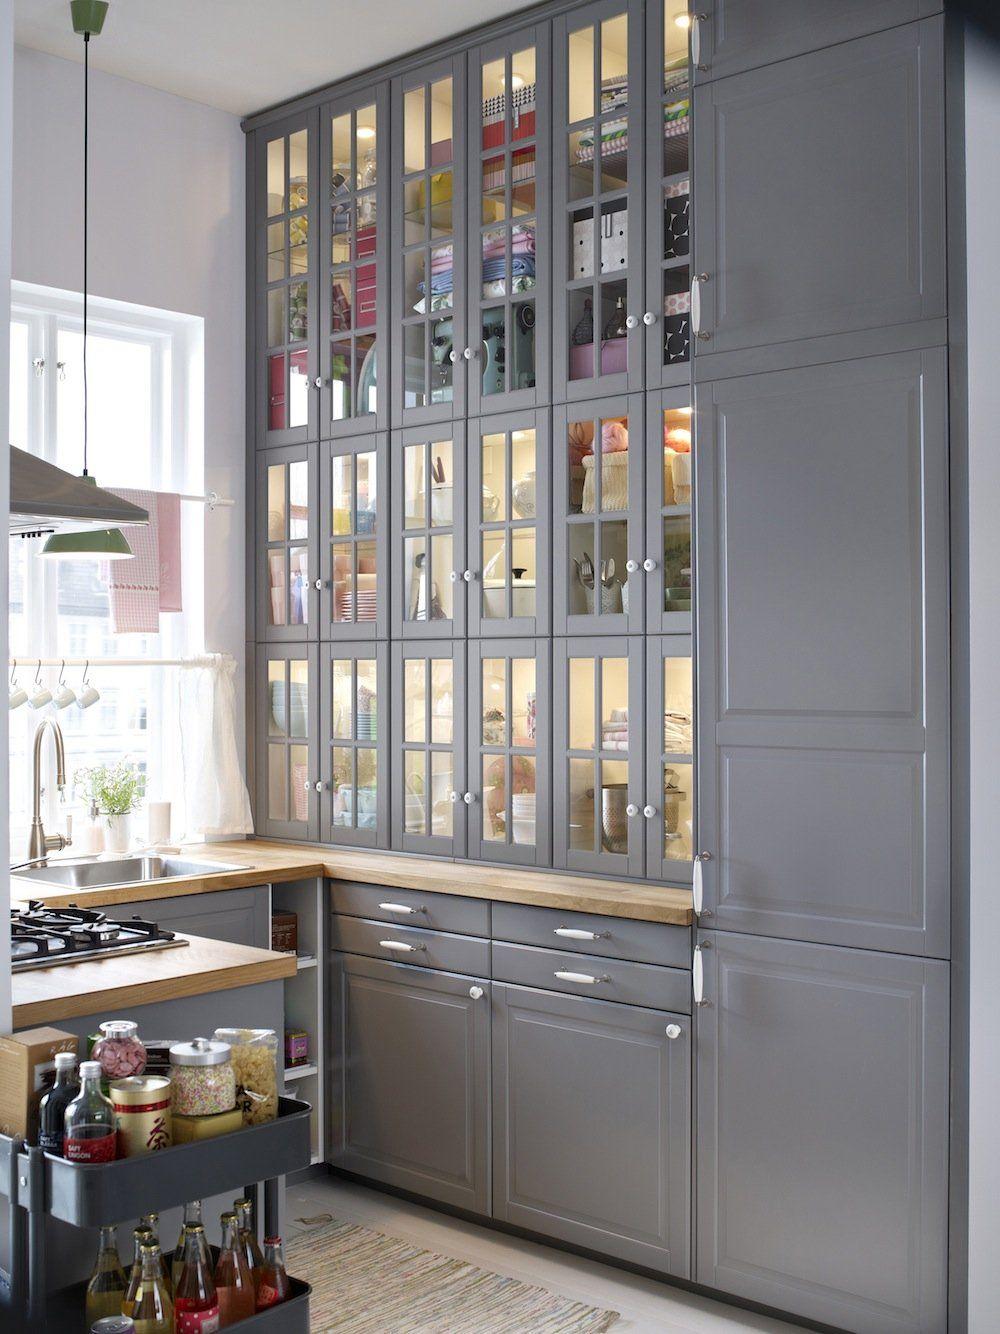 Cuisines Ikea Metod Finition Bodbyn Gris Ikeaddict Meuble Cuisine Repeindre Meuble Cuisine Cuisine Ikea Avis